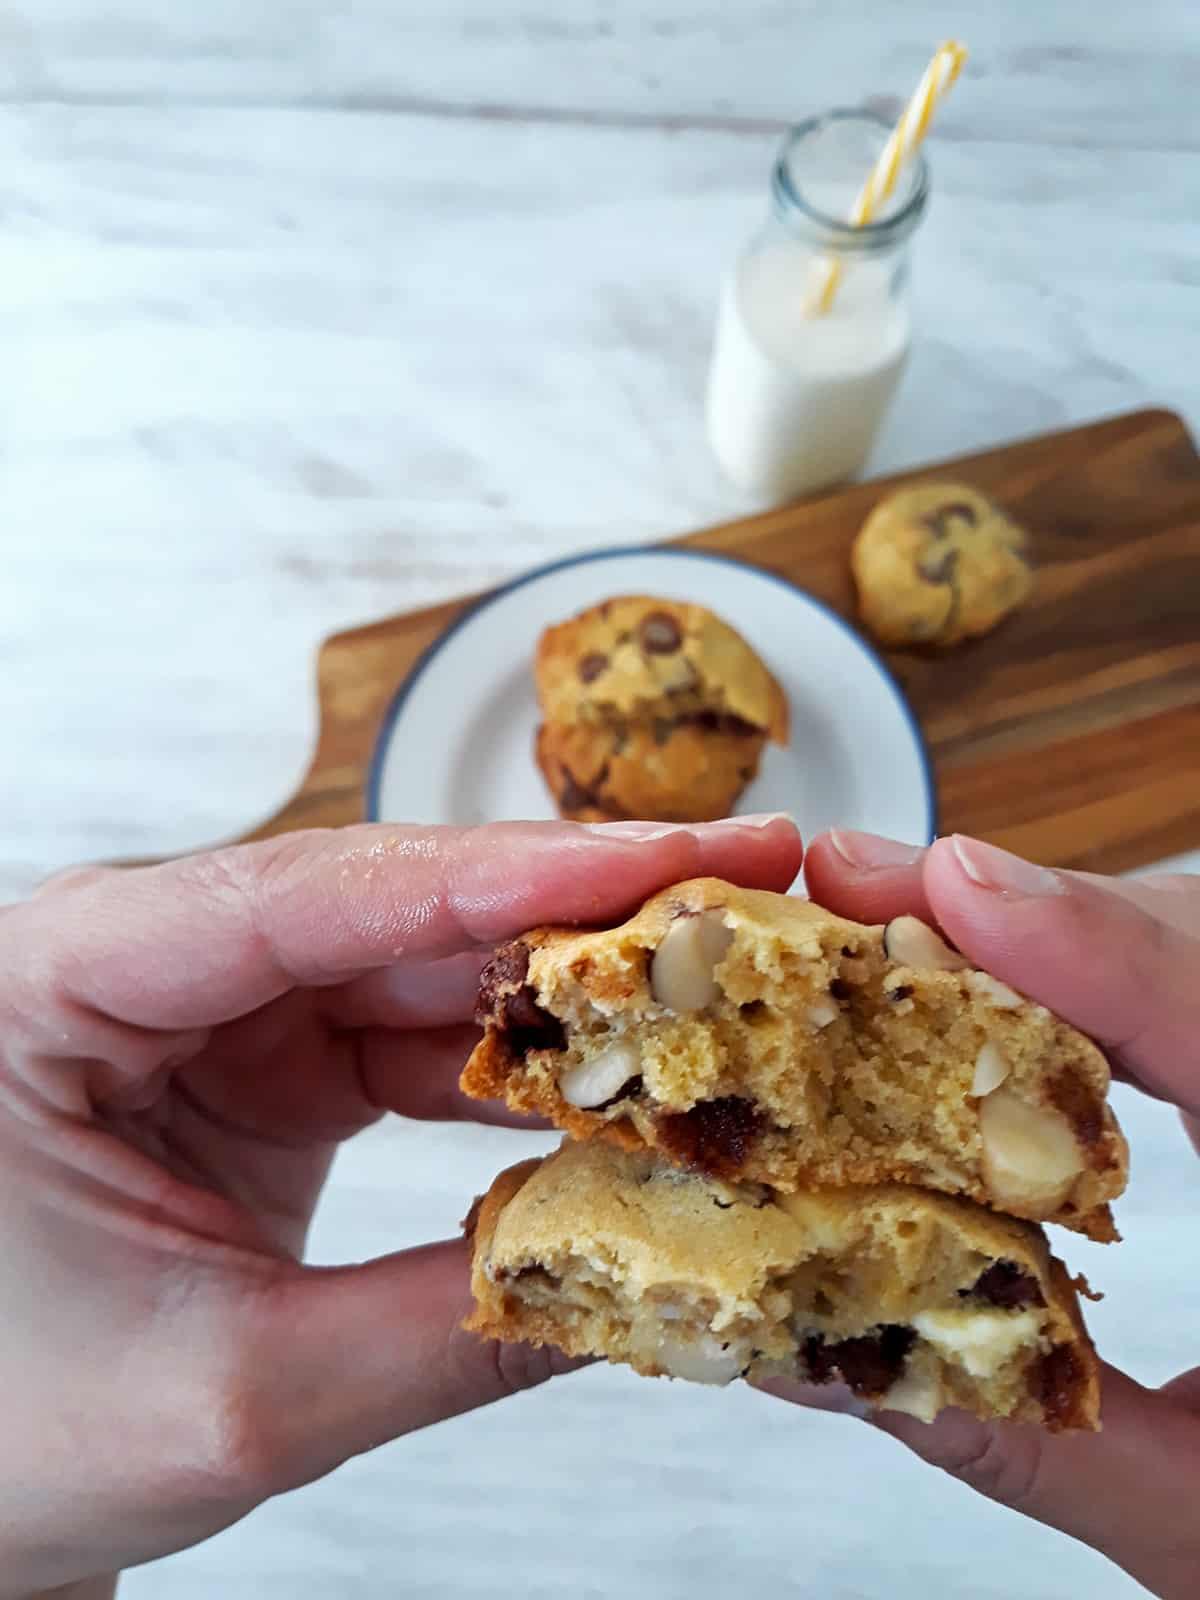 galletas listas para comer